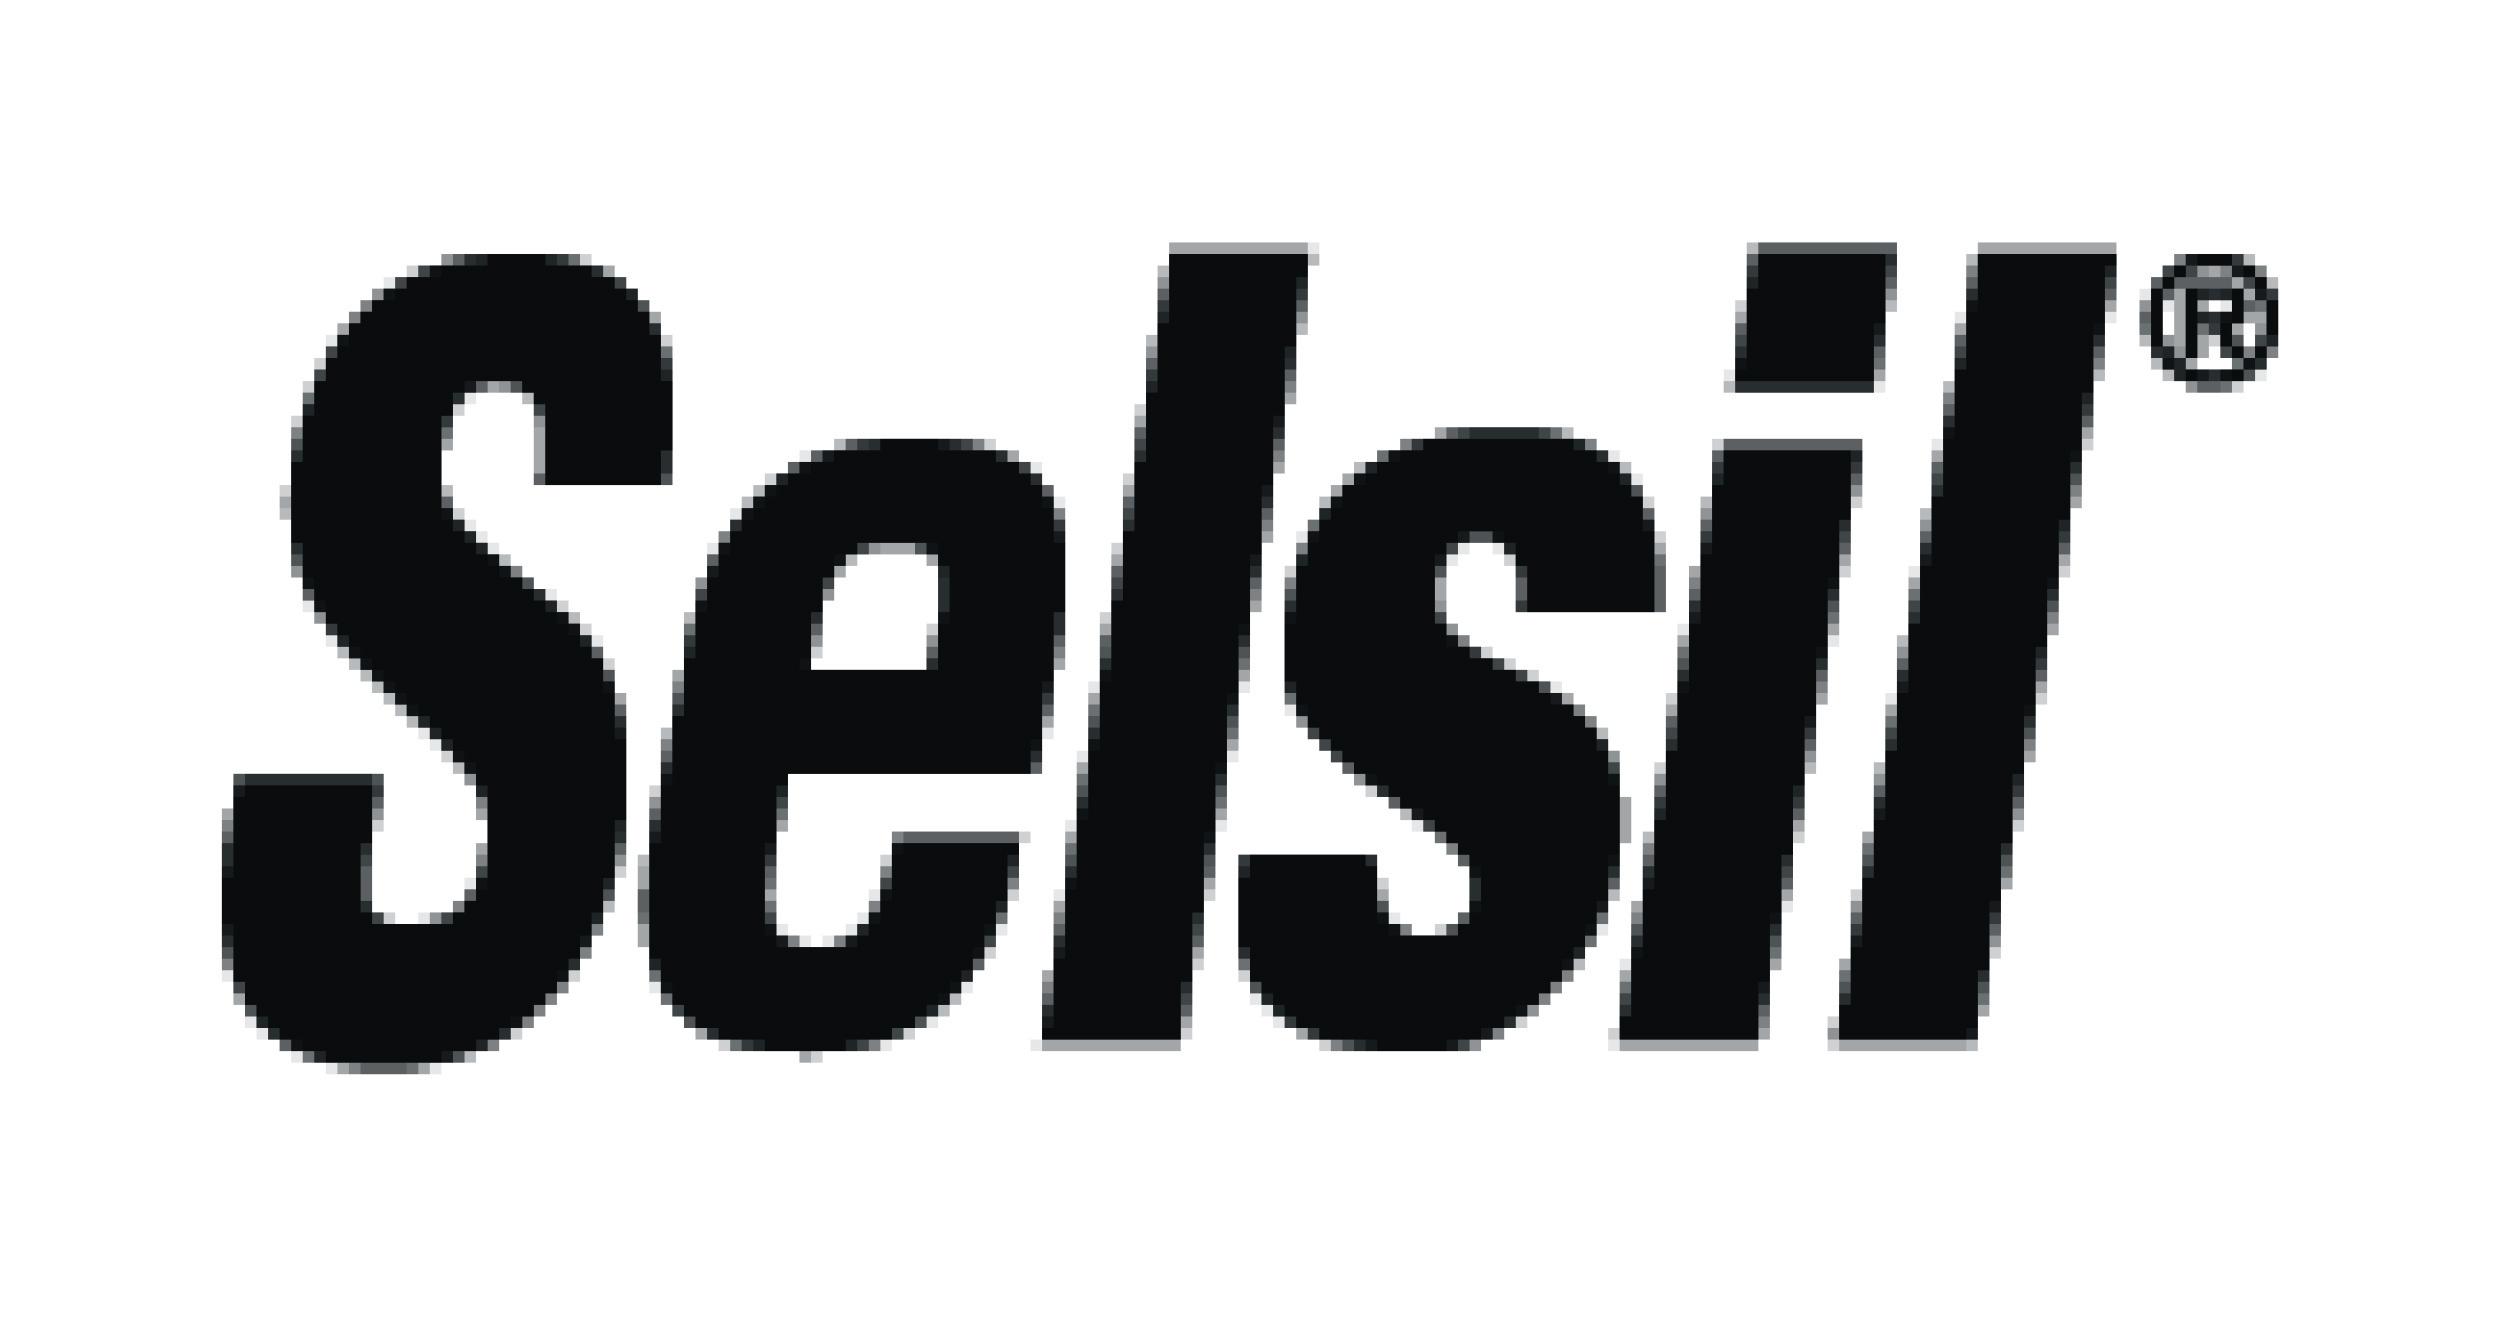 selsil